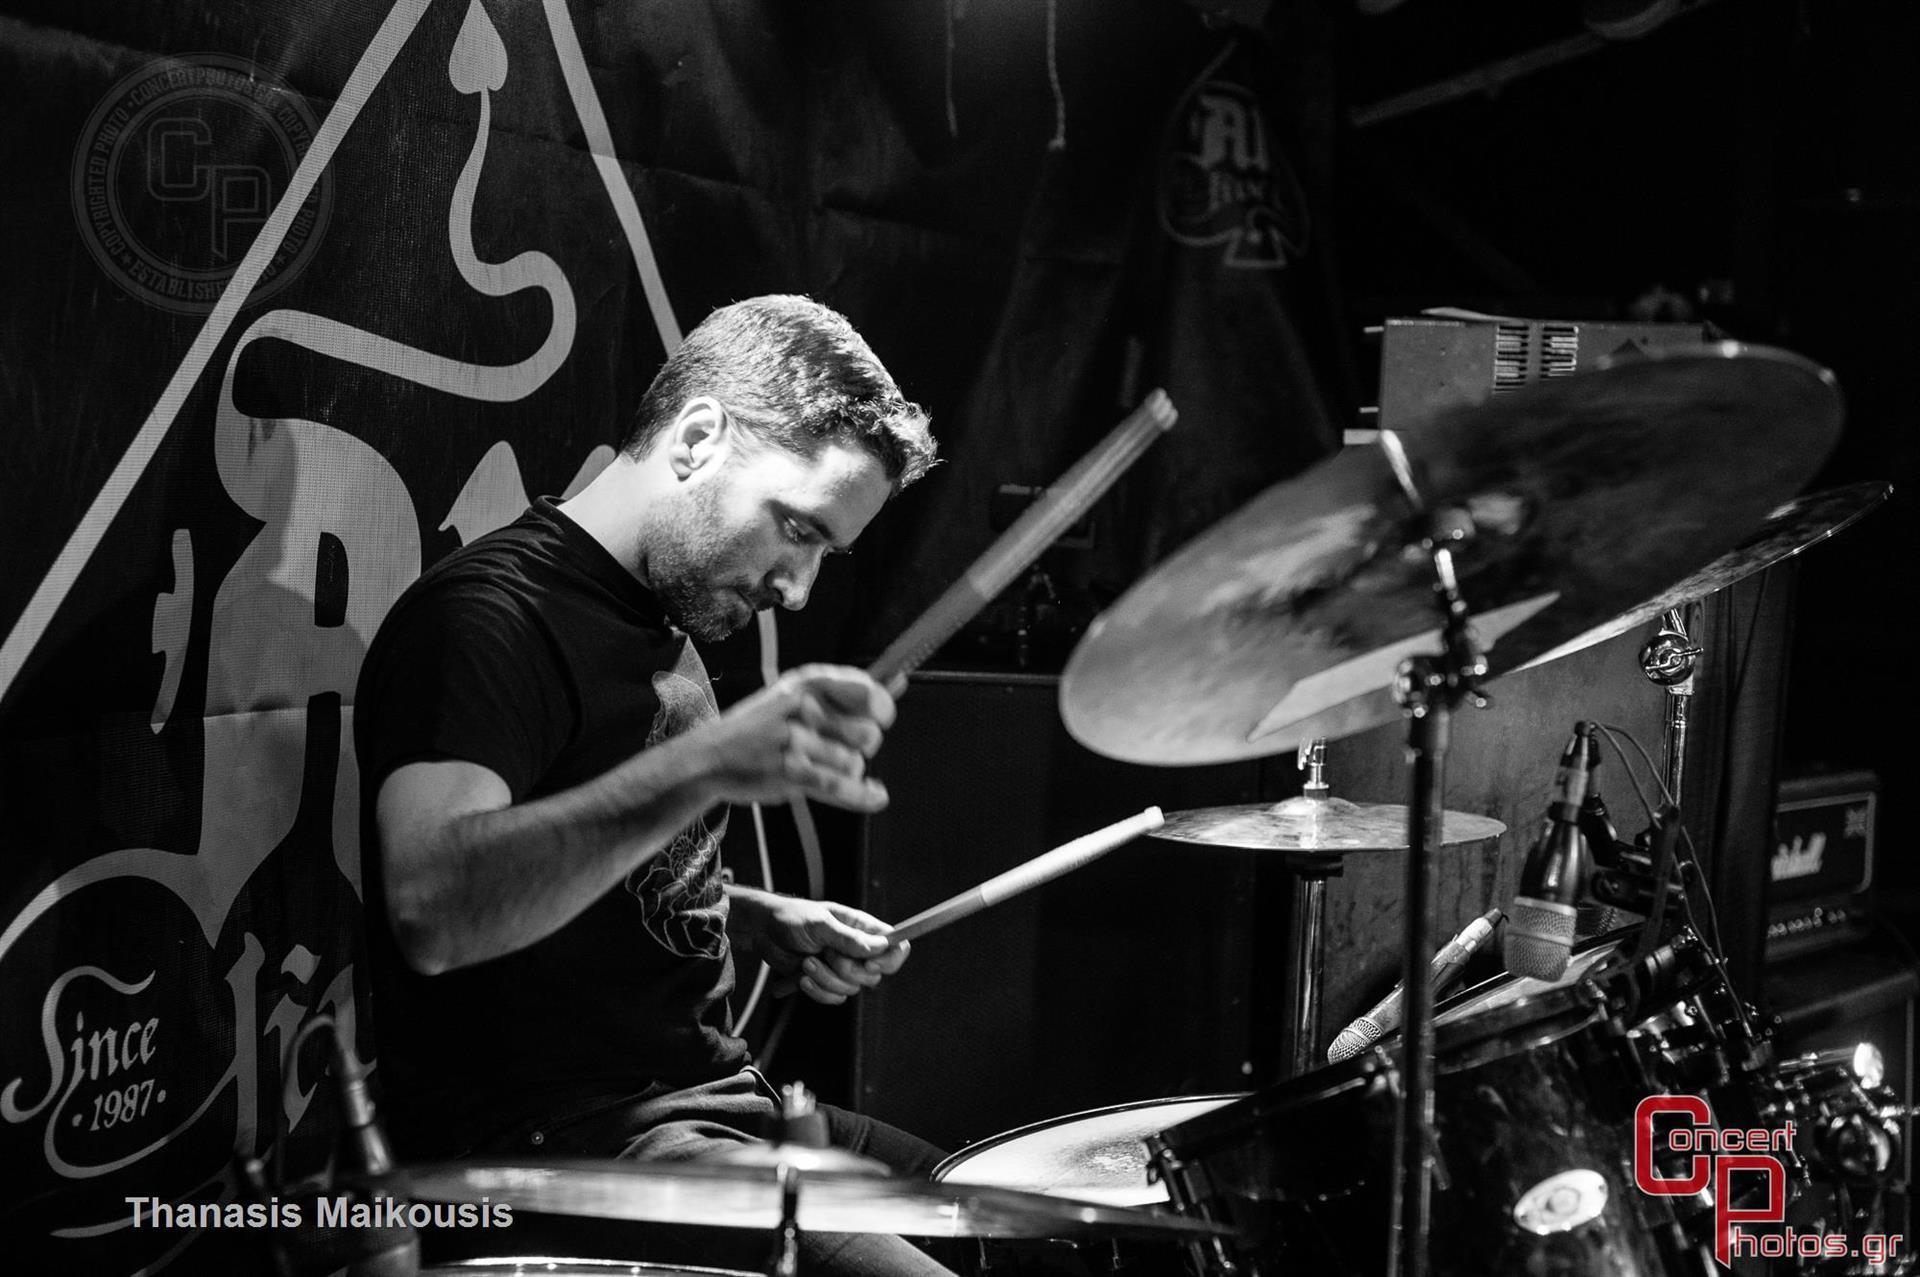 Battle Of The Bands Leg 5-Battle Of The Bands Leg 4 photographer: Thanasis Maikousis - ConcertPhotos - 20150315_2144_26